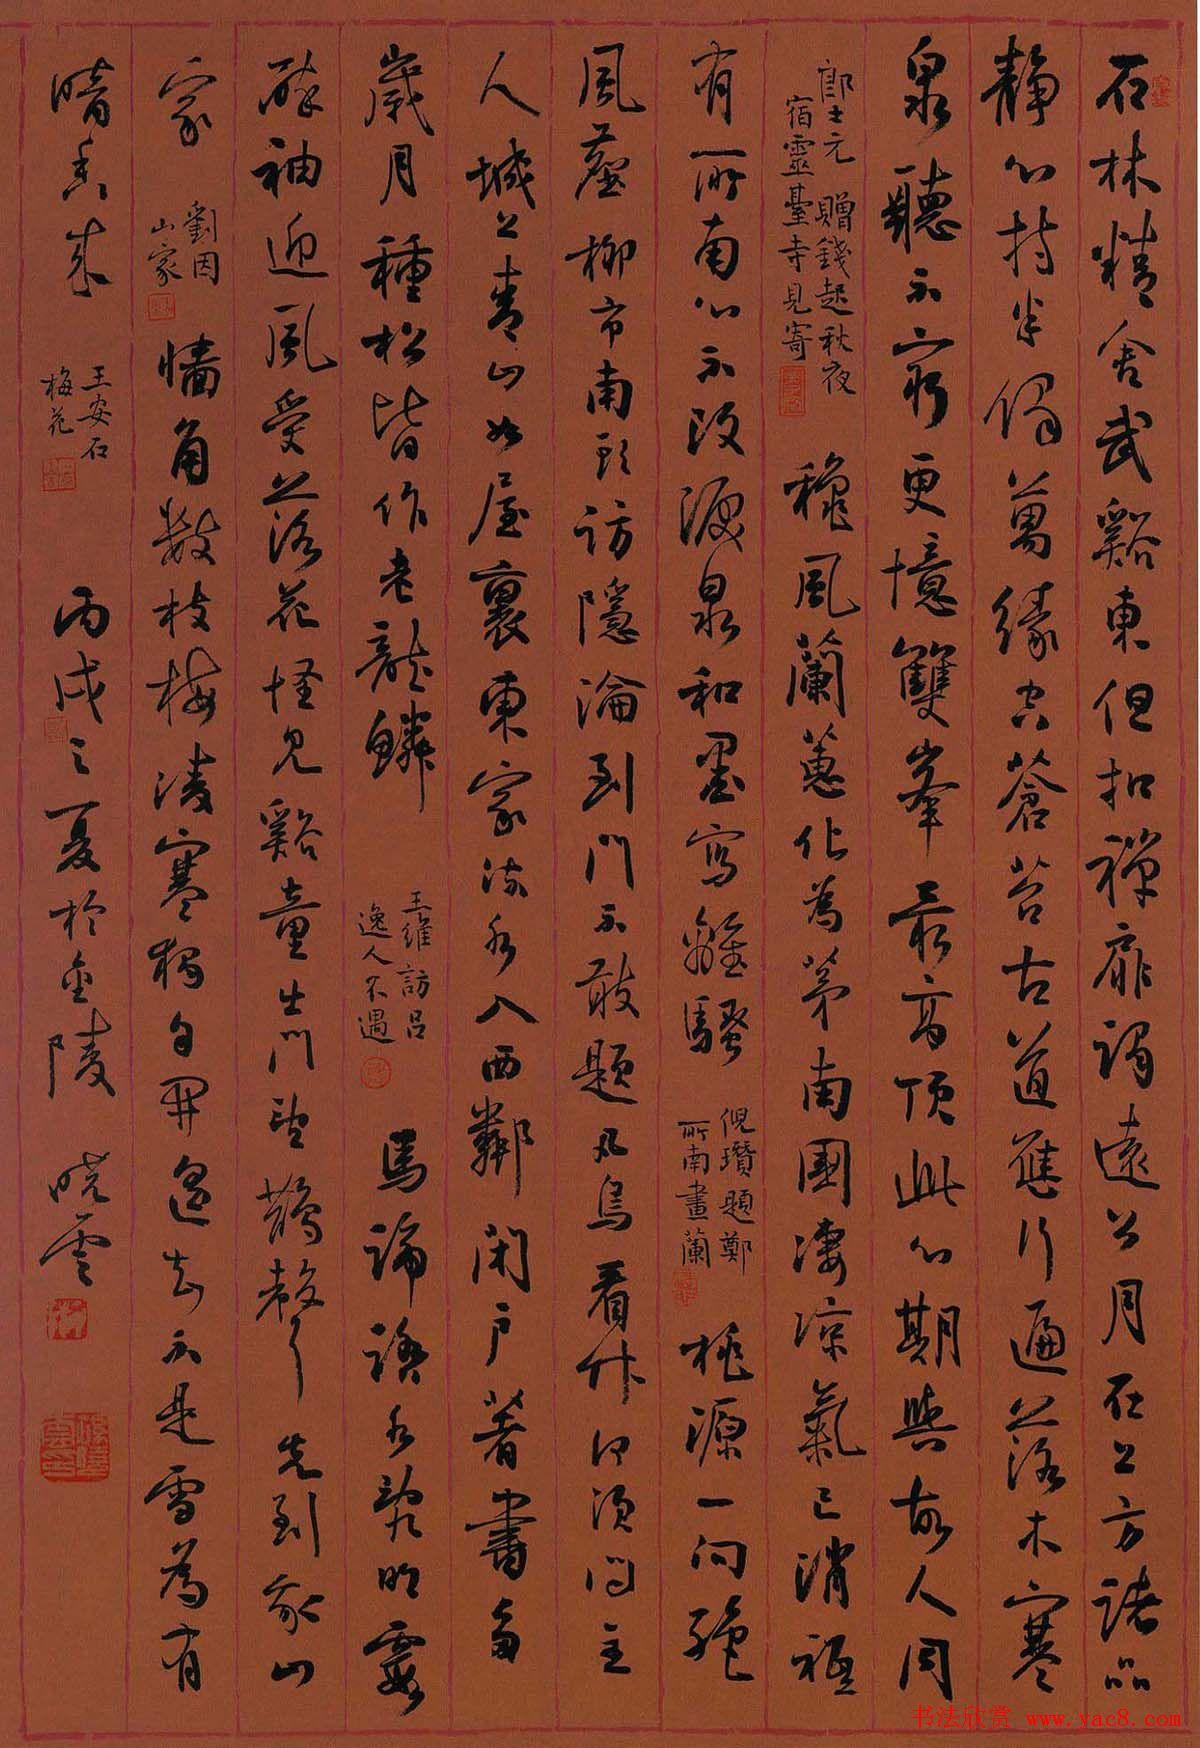 孙晓云书法作品展示专辑 第17页 毛笔书法 书法欣赏图片